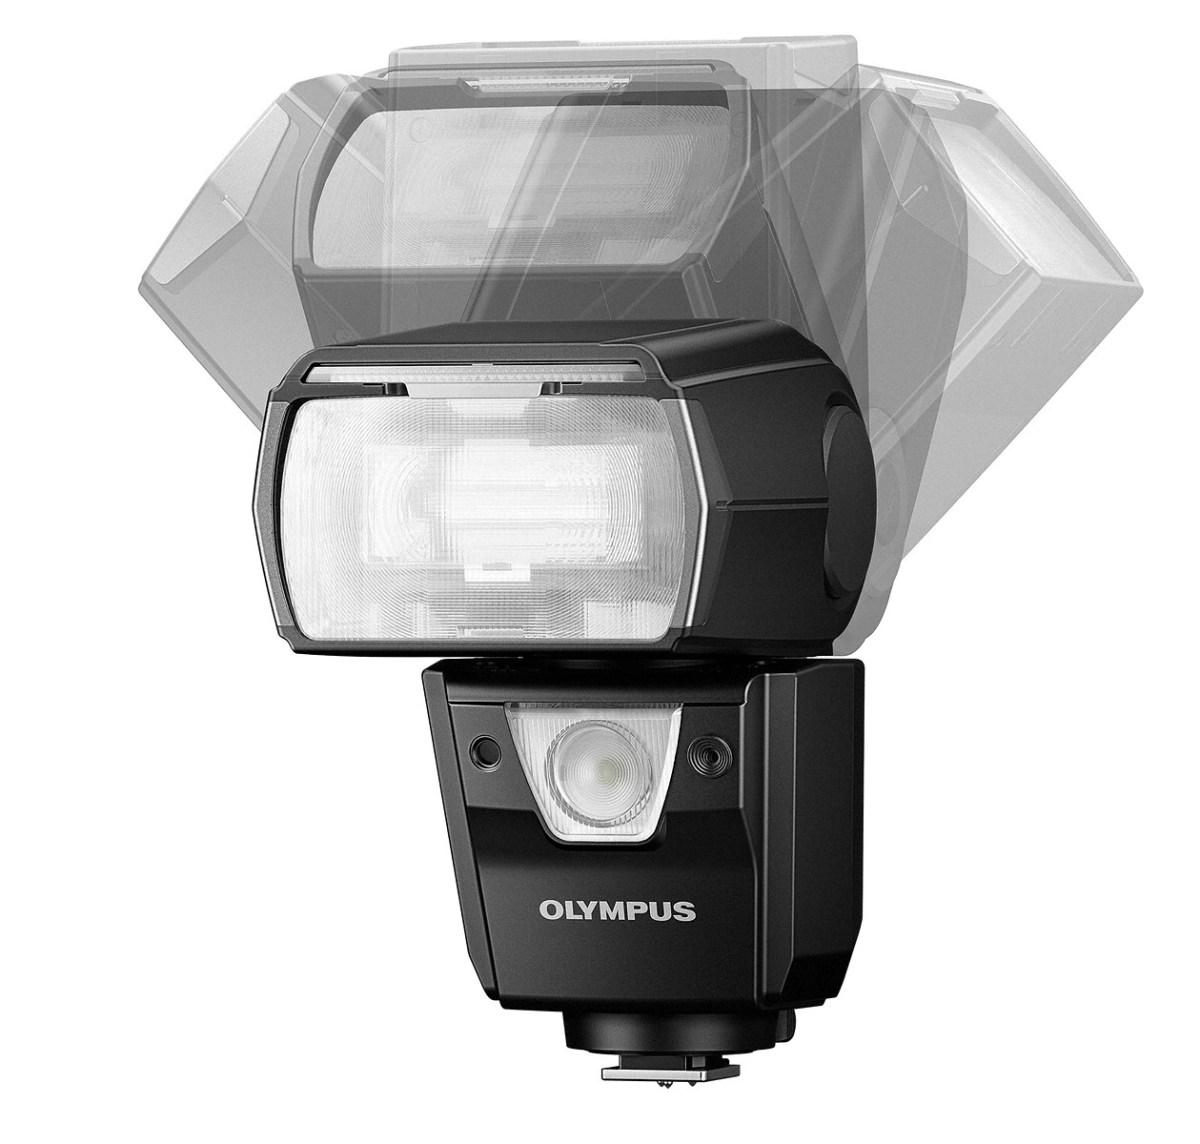 olympus-fl-900r-flash-sweevel